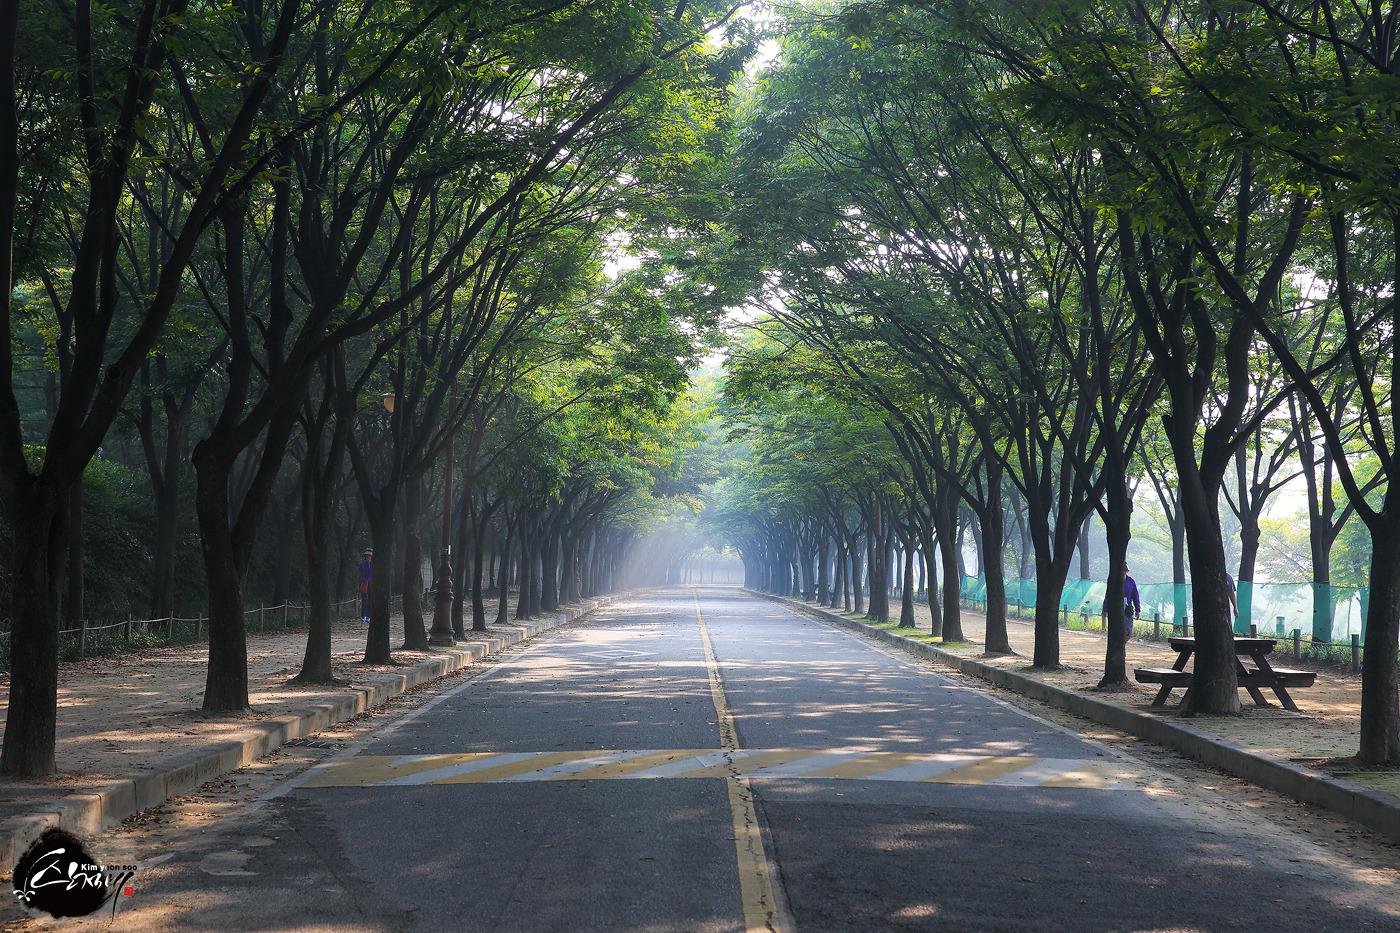 박무심한 추석날 아침에본 인천대공원의 소심한 빛내림